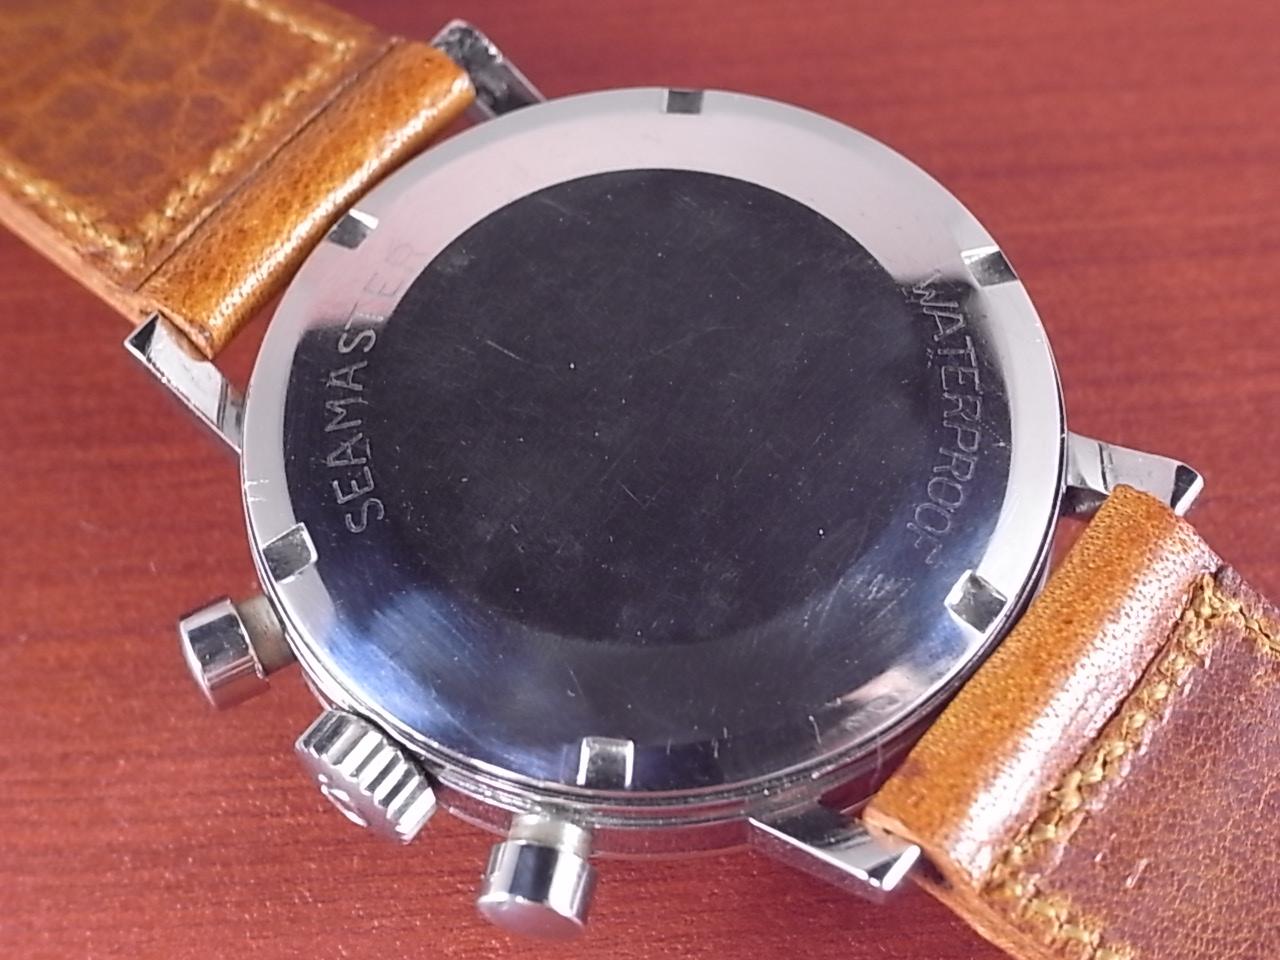 オメガ シーマスター クロノグラフ Cal.321 シルバーダイアル 1960年代の写真4枚目